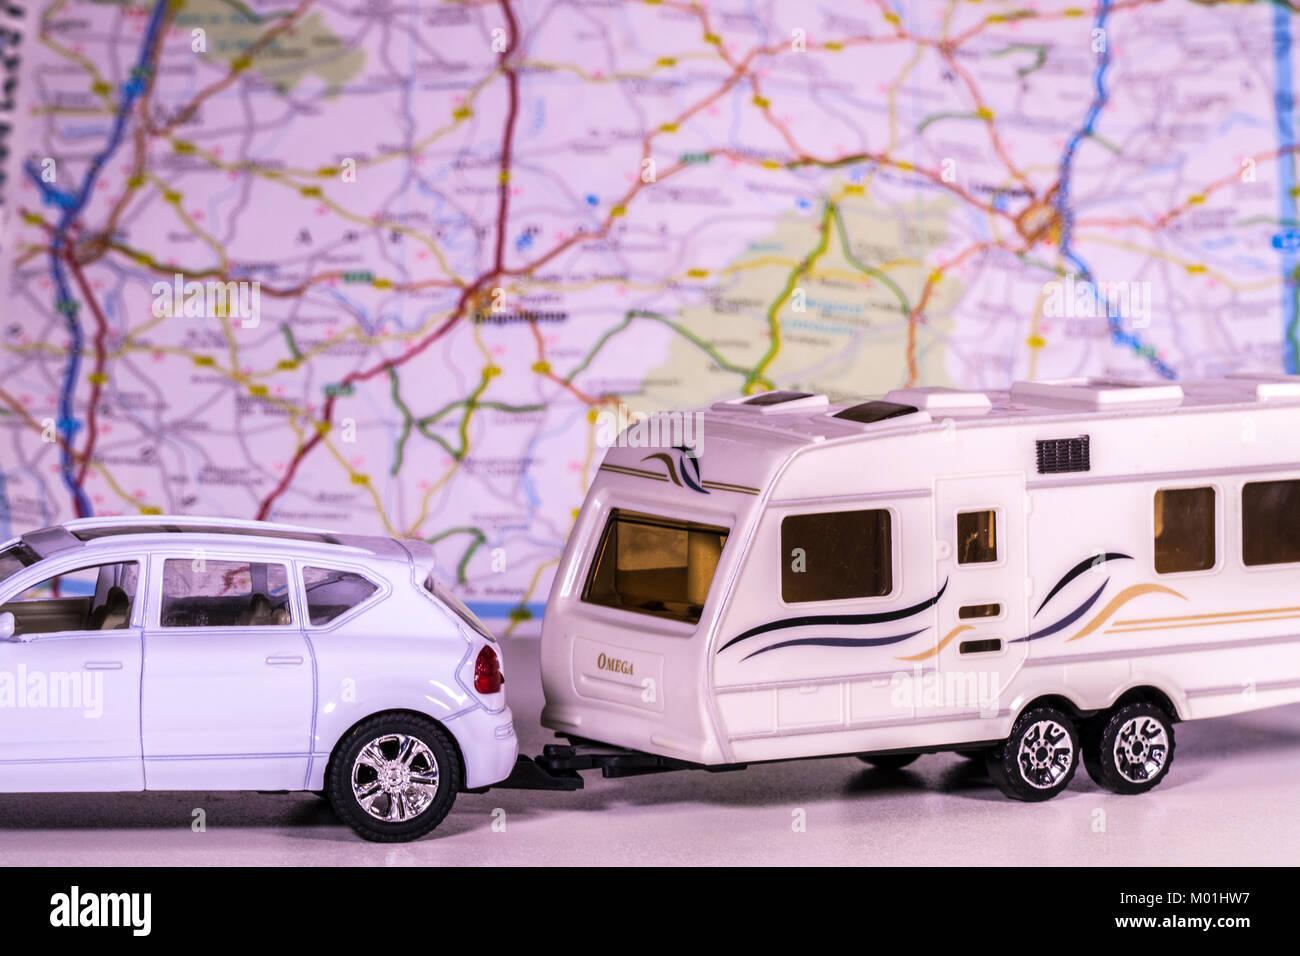 Caravane modèle et voiture avec une carte / atlas de flou artistique en arrière-plan. Concept de n'importe quel aspect du camping / randonnée / la liberté de la route ouverte, etc. Banque D'Images